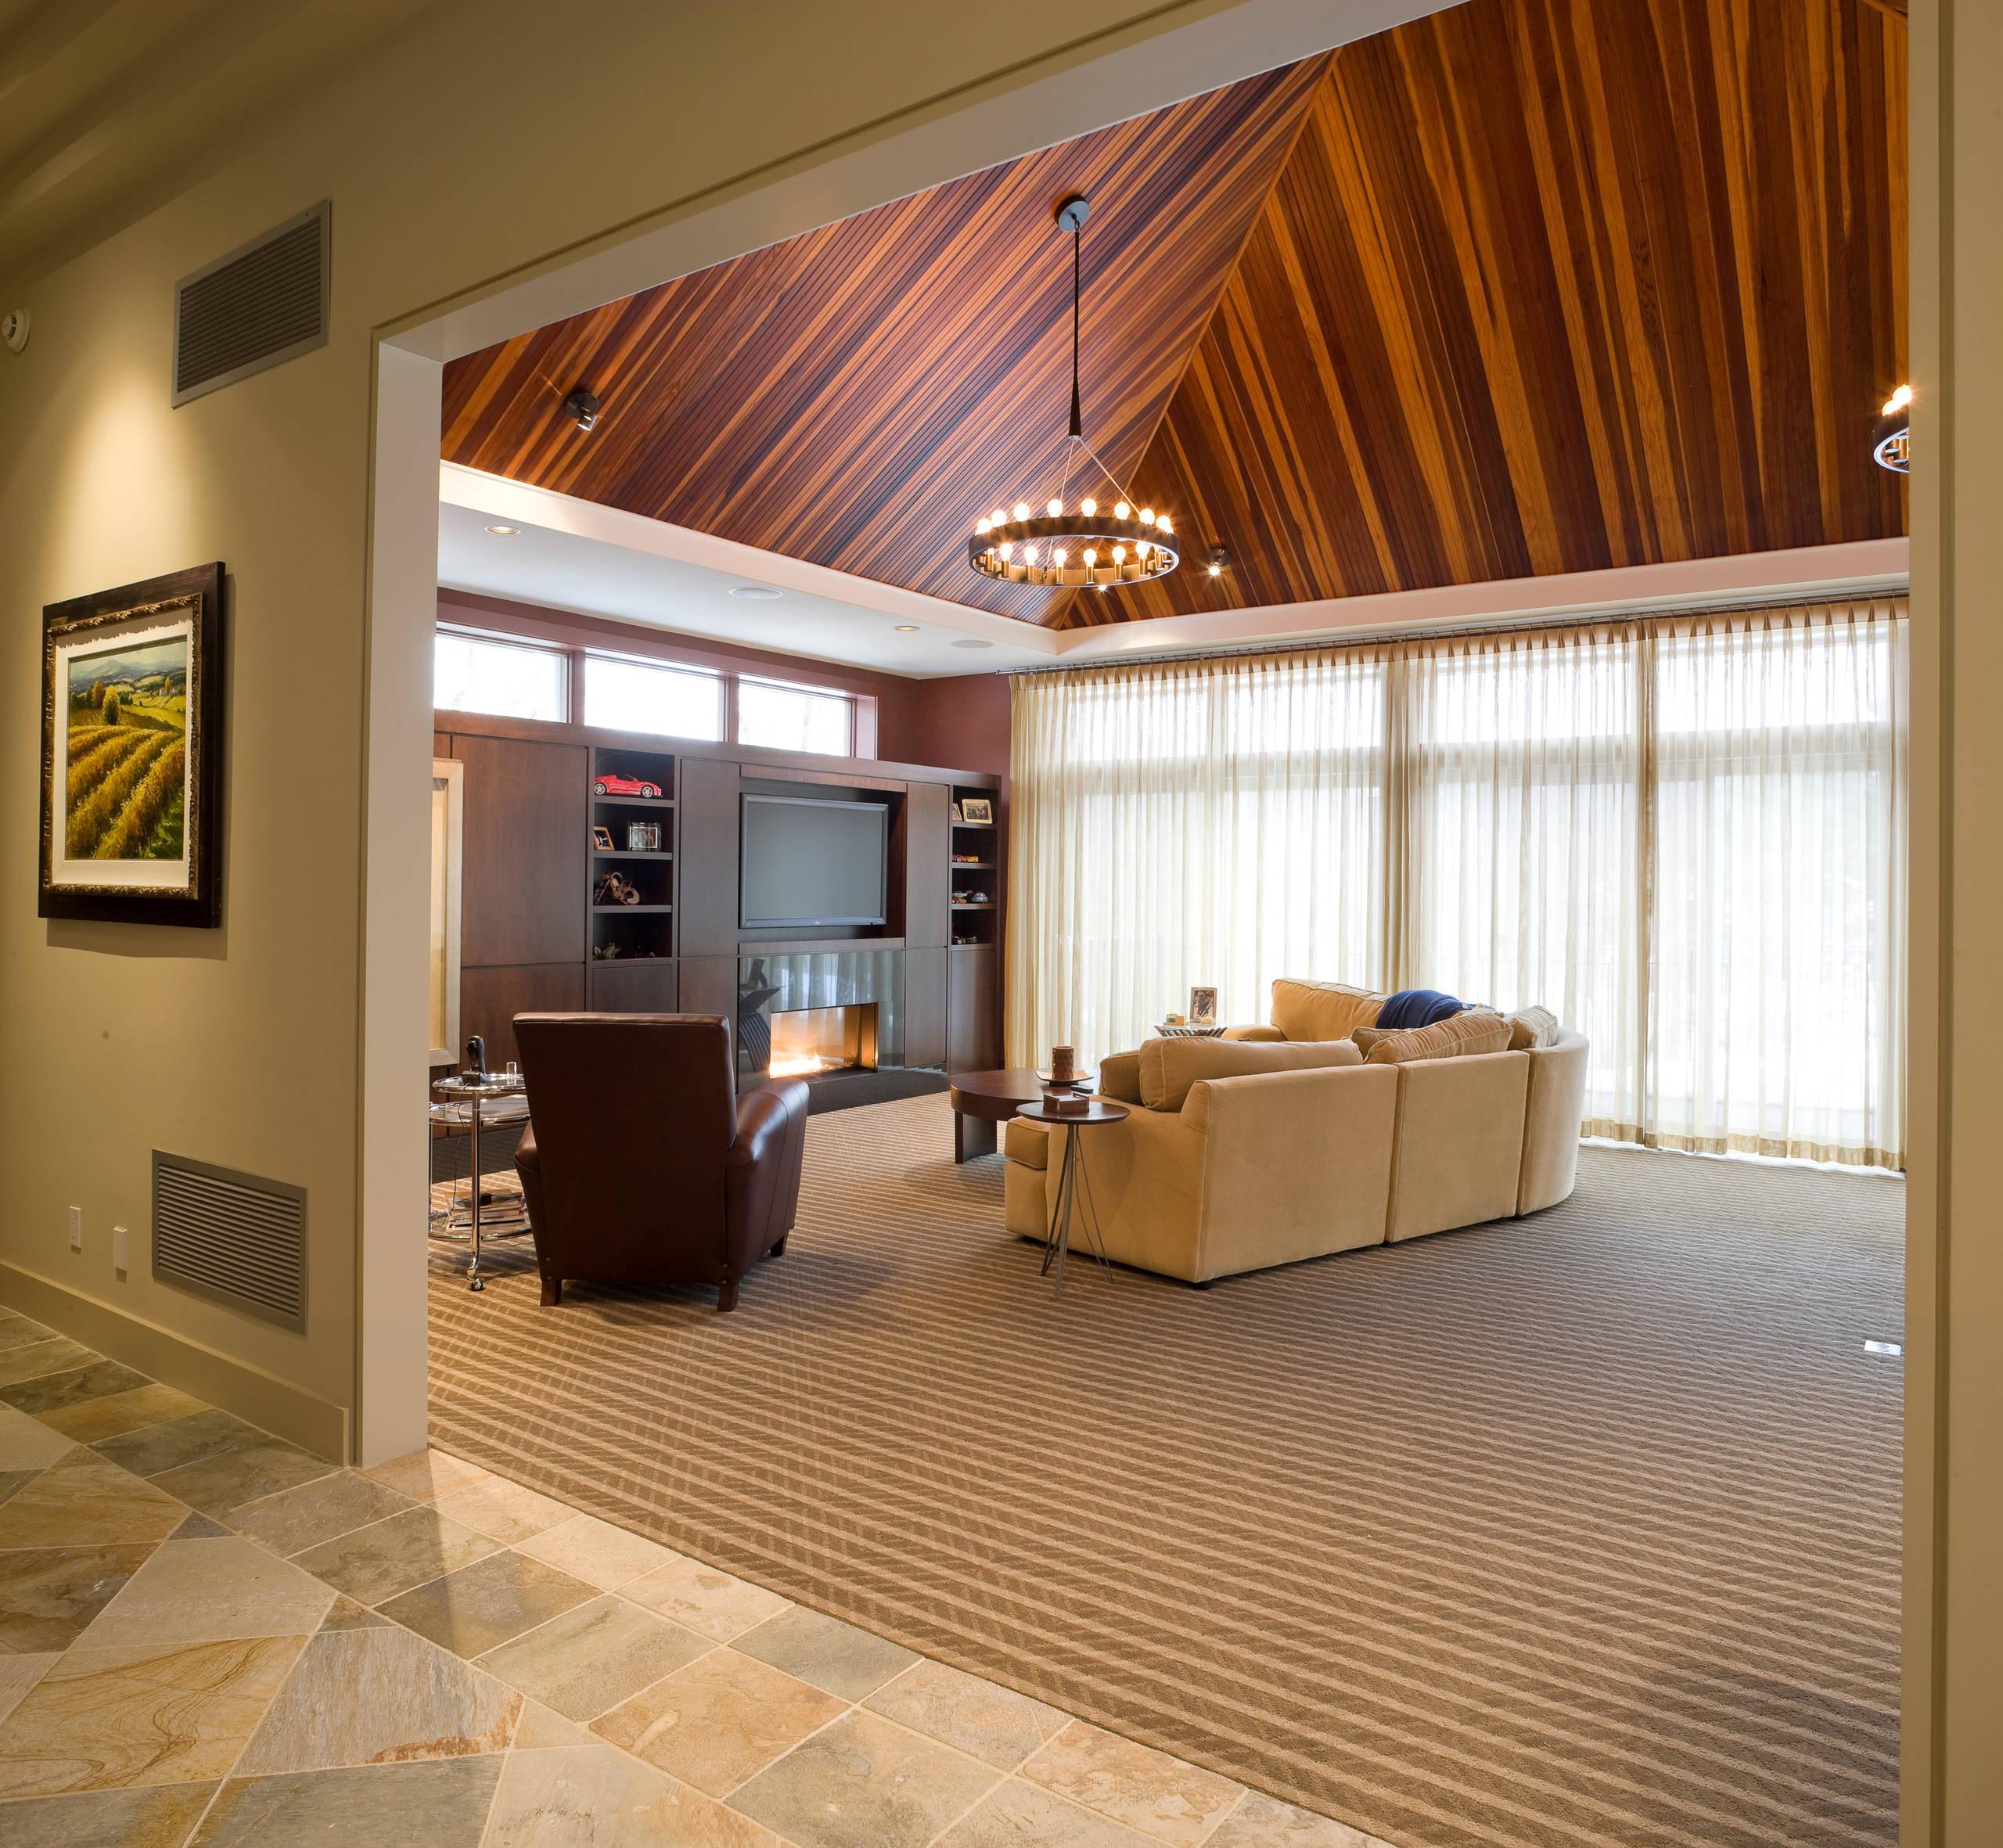 Certified Luxury Builders - J Paul Builders - Owings Mill, MD - Custom Home